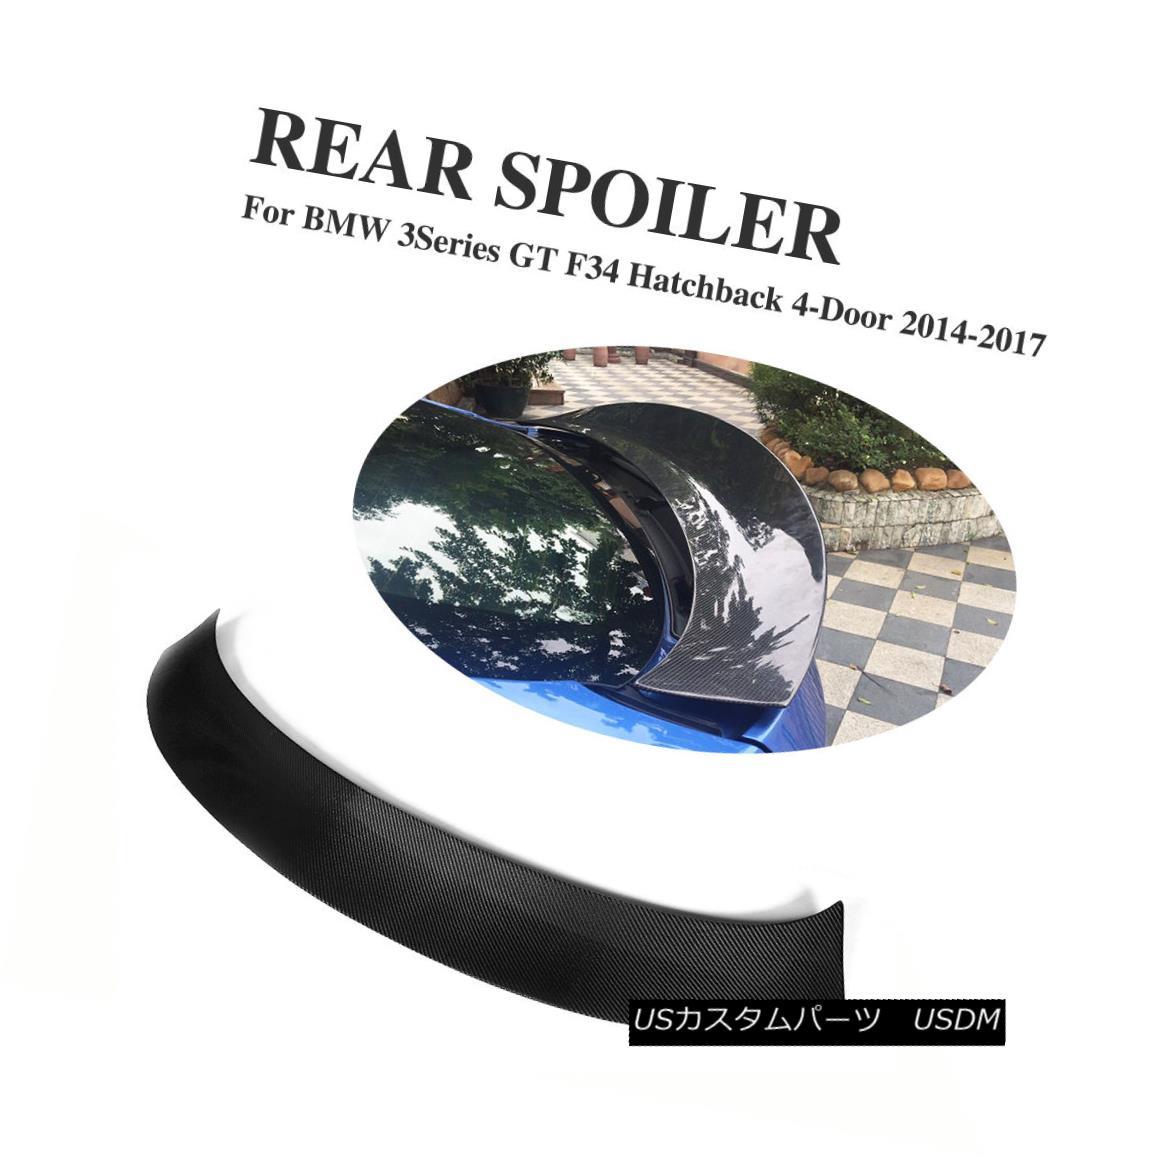 エアロパーツ Carbon Fiber Rear Spoiler Boot Wings Fit for BMW 3 Series F34 GT Hatchback 14-17 BMW 3シリーズF34 GTハッチバック14-17用カーボンファイバーリアスポイラーブーツウィング